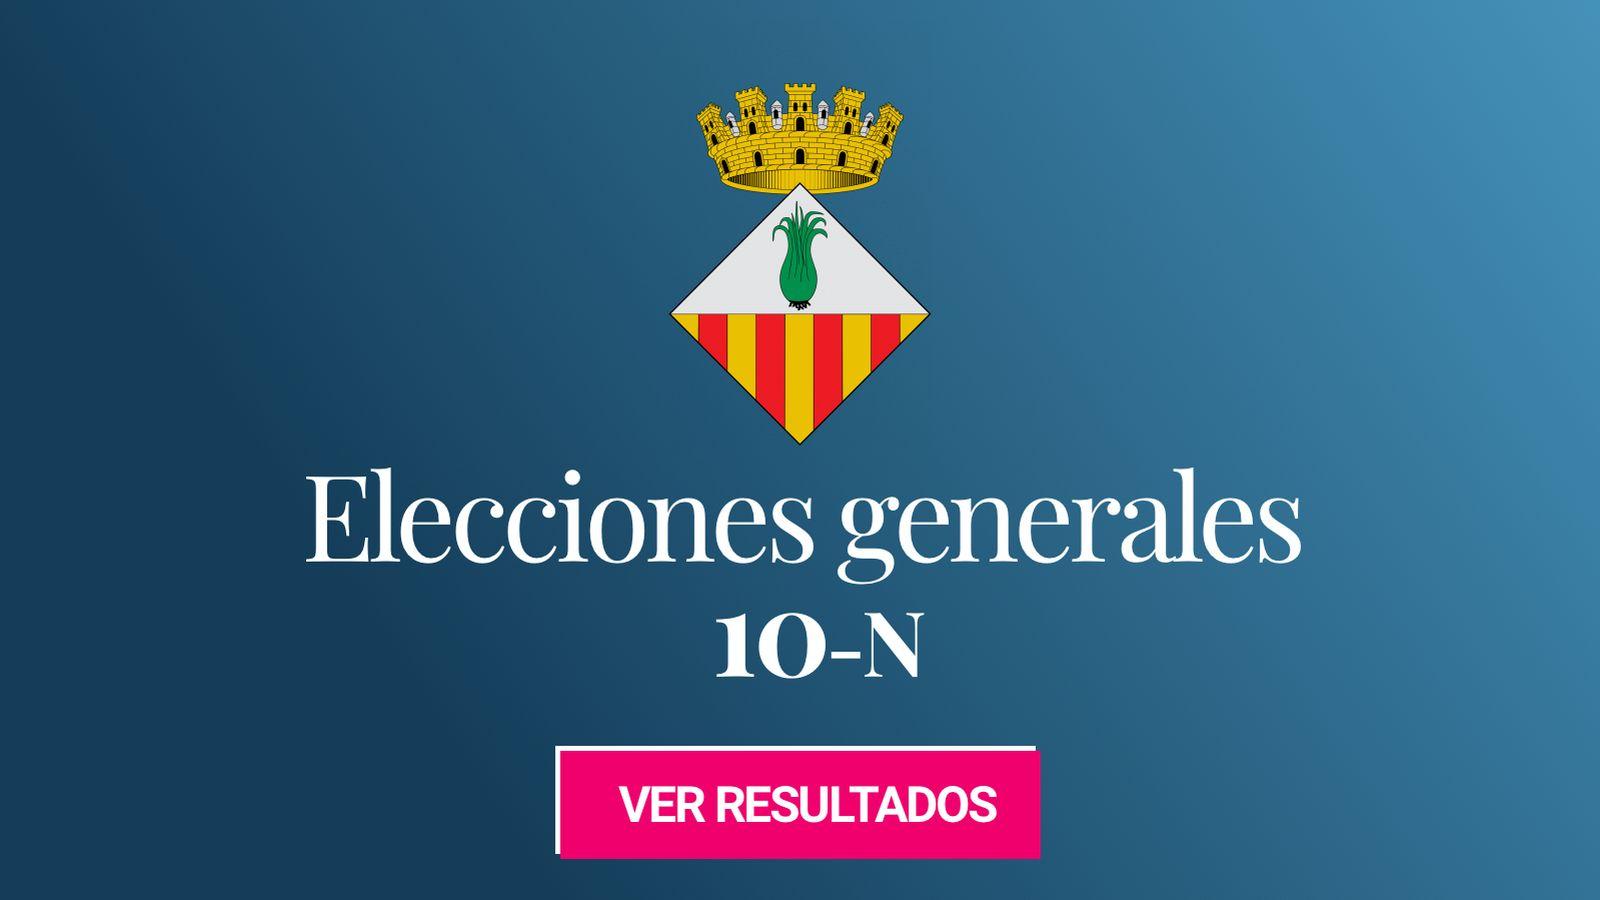 Foto: Elecciones generales 2019 en Sabadell. (C.C./EC)